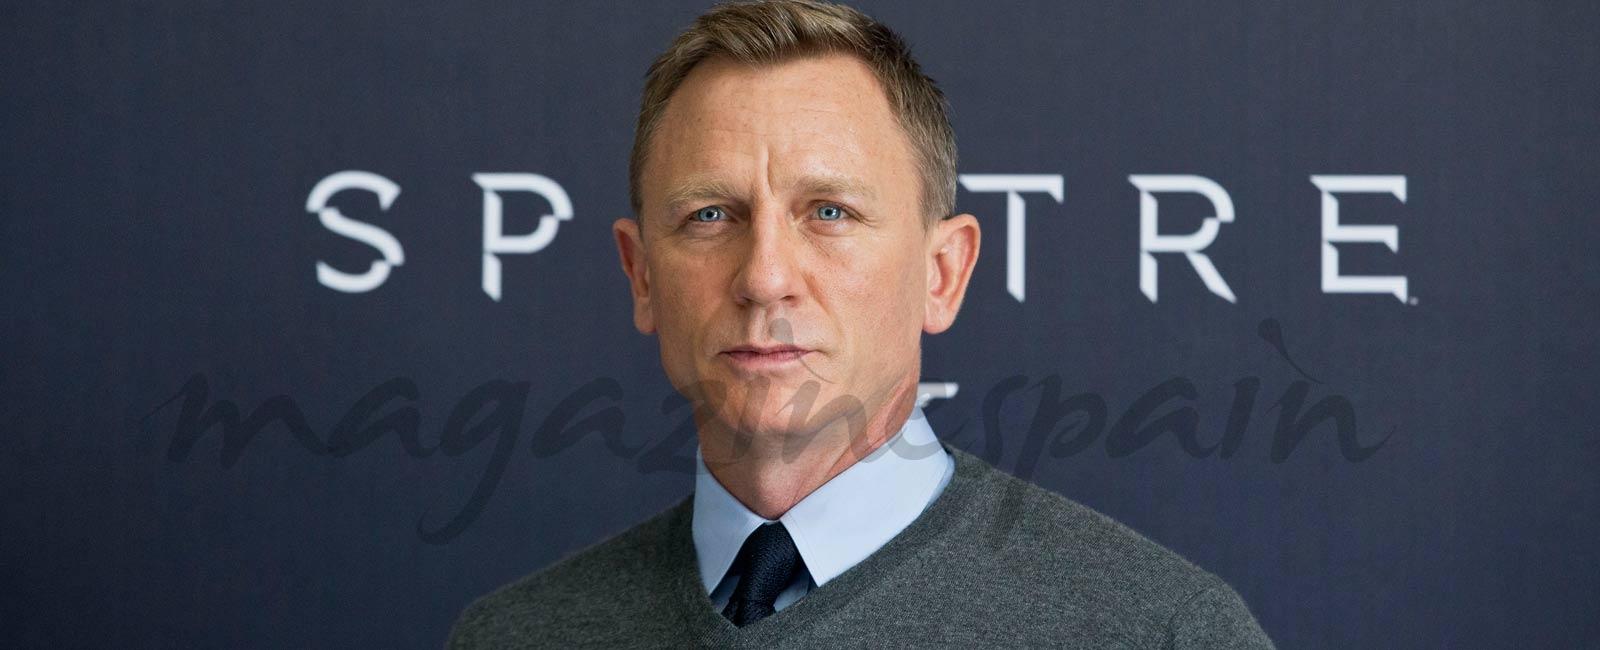 Daniel Craig se convierte en el actor mejor pagado del mundo